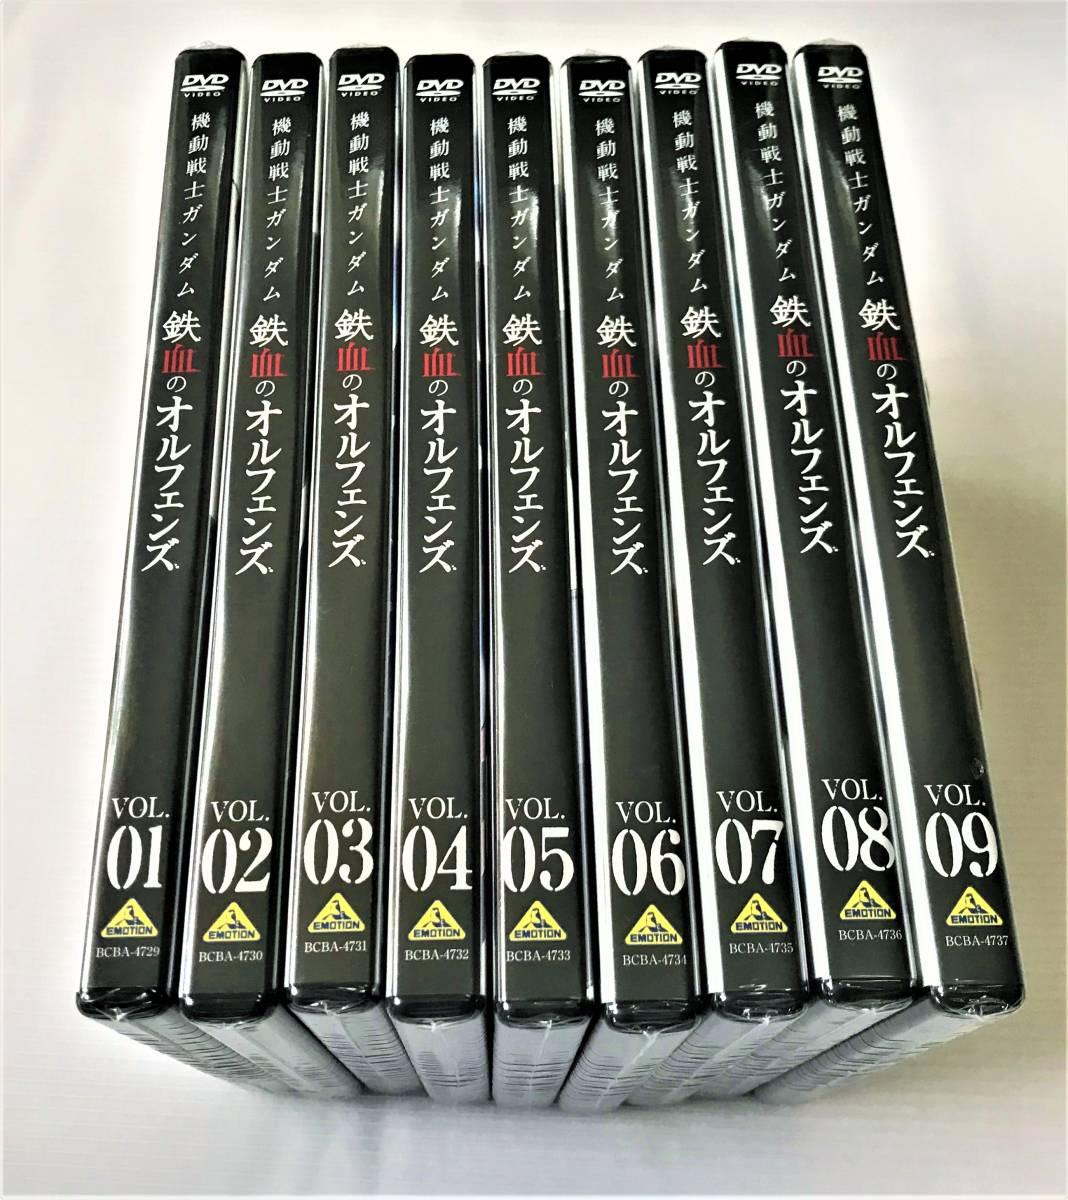 ◎新品◎ 機動戦士ガンダム 鉄血のオルフェンズ 第1期 DVD 全9巻セット ファーストシーズン 壱_全巻未開封新品です。